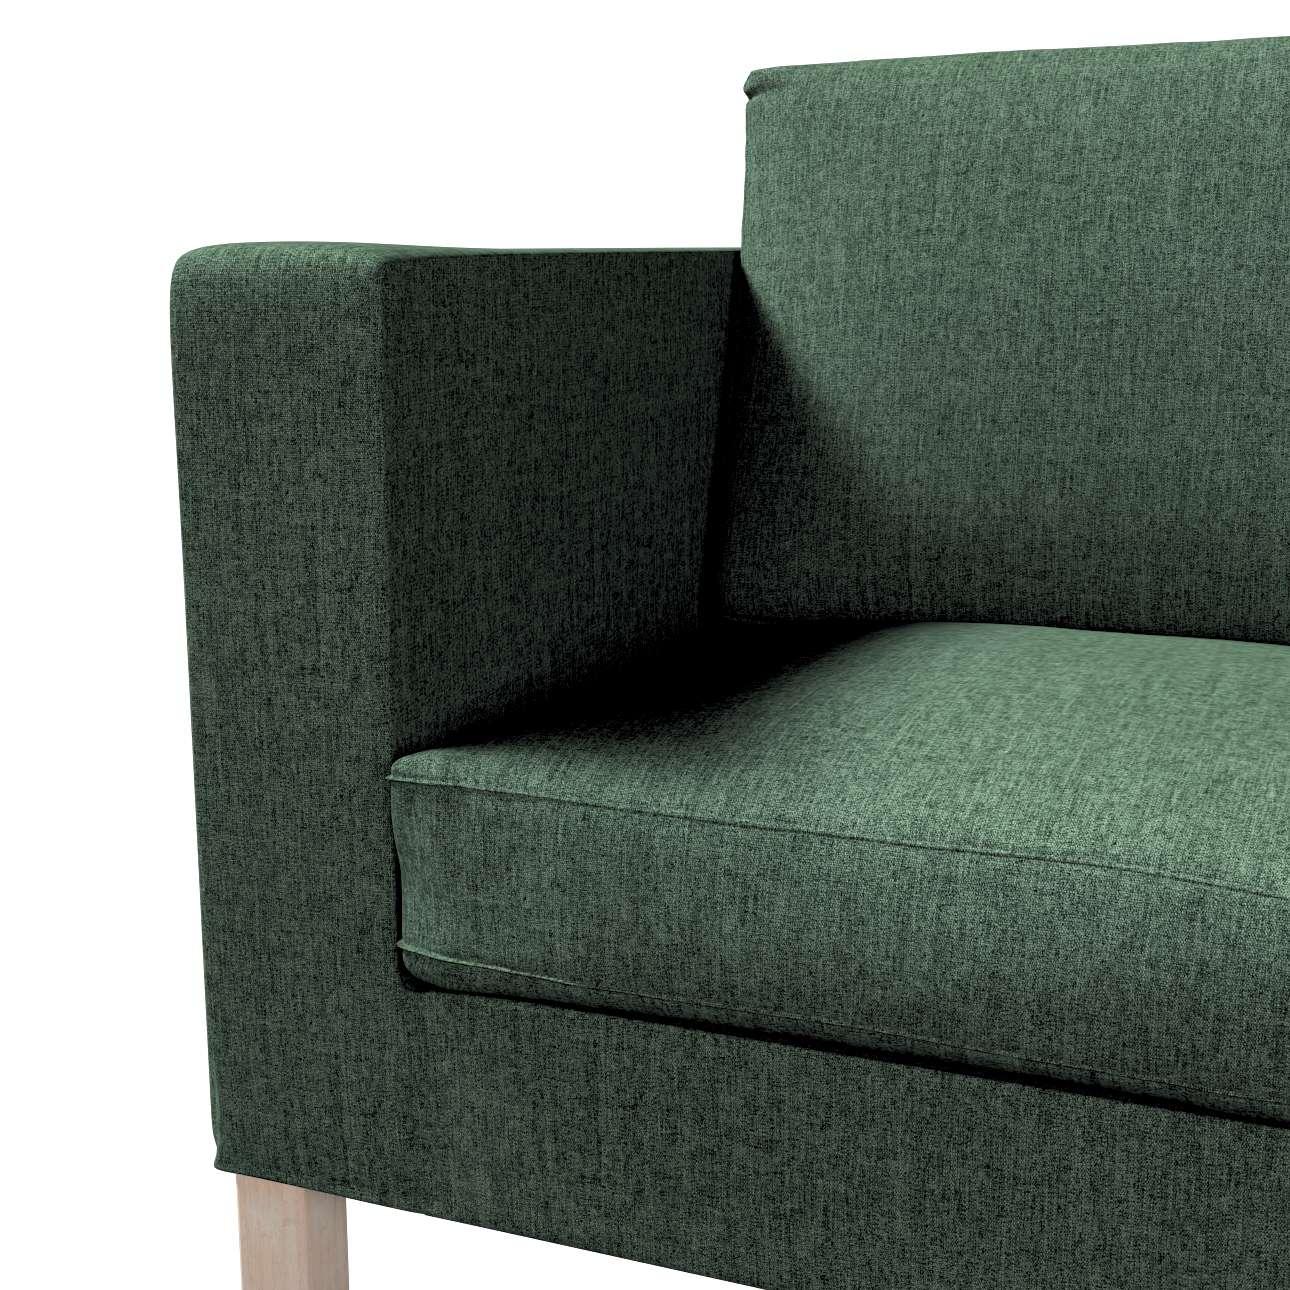 Pokrowiec na sofę Karlanda rozkładaną, krótki w kolekcji City, tkanina: 704-81